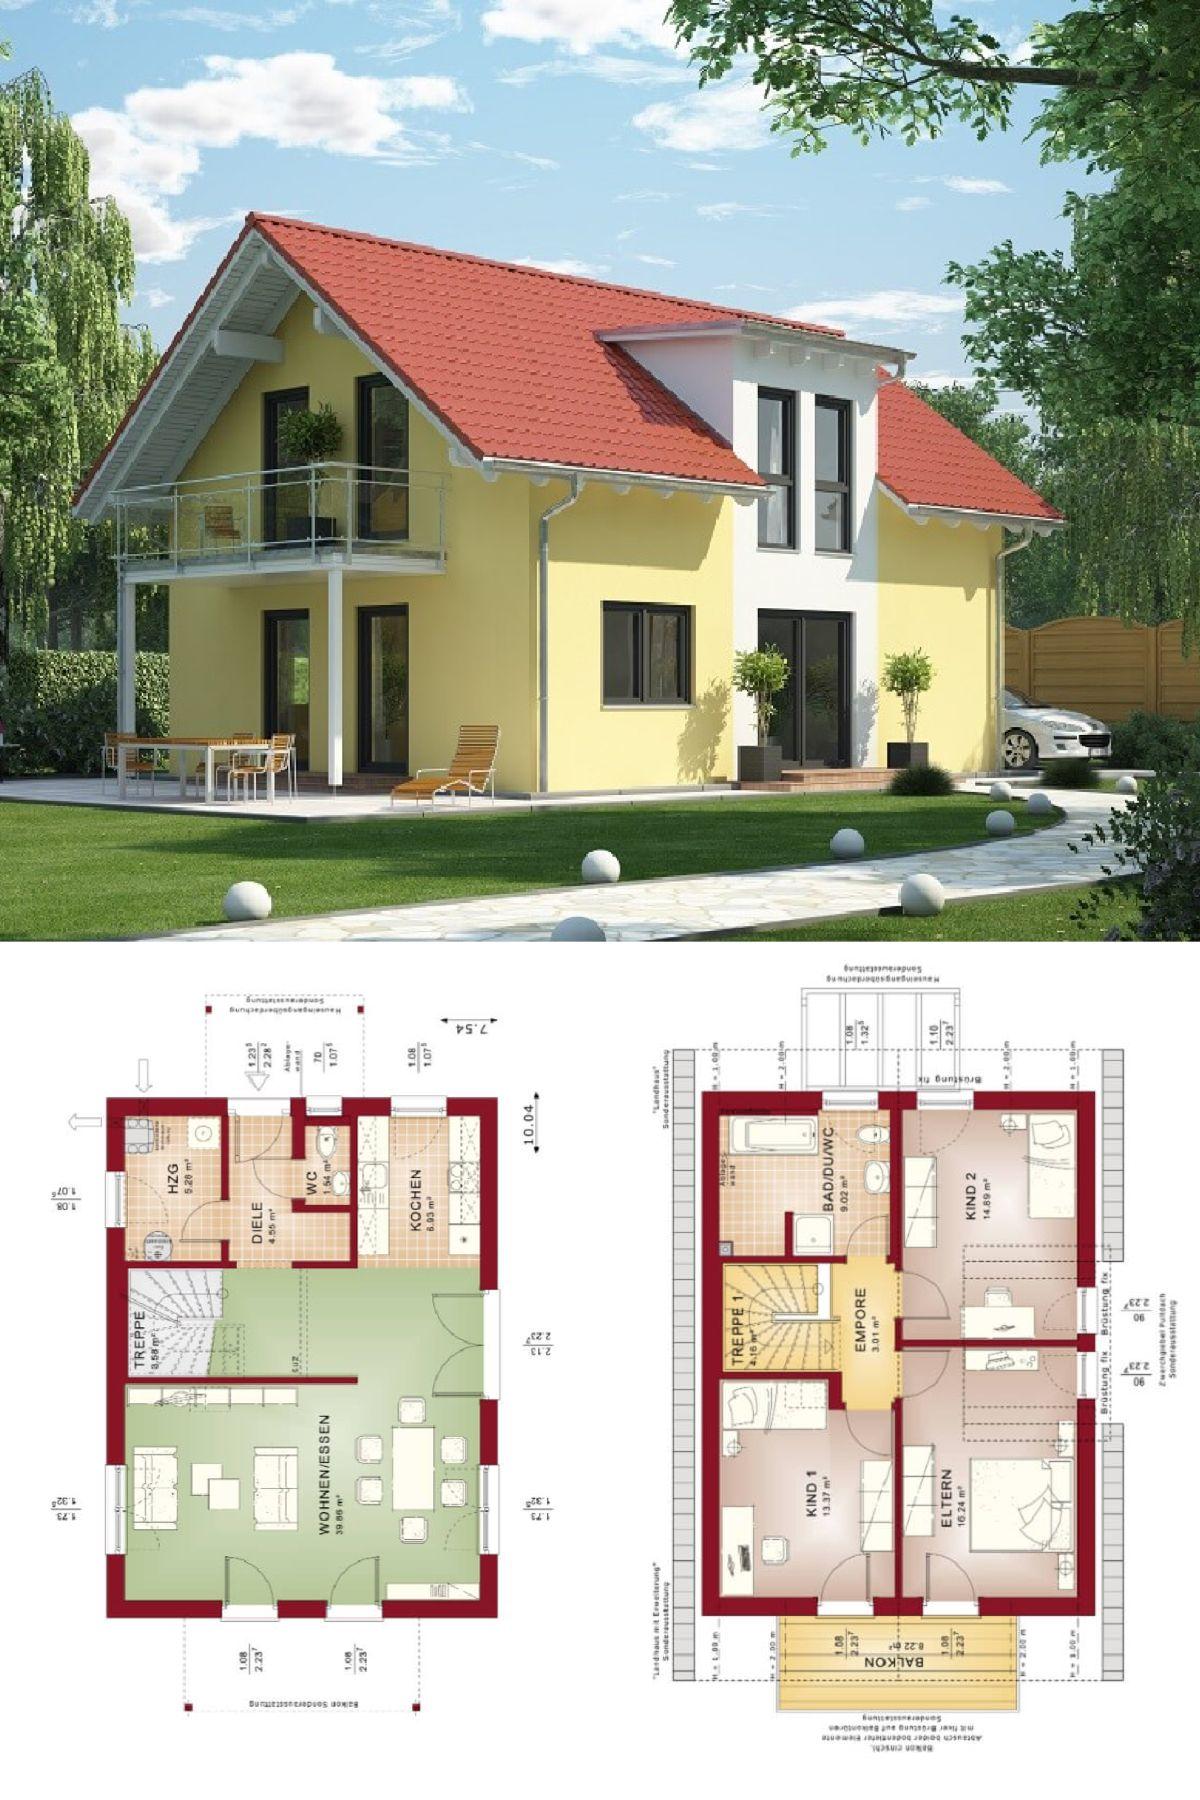 Fassade Gelb einfamilienhaus mit satteldach putz fassade gelb haus grundriss